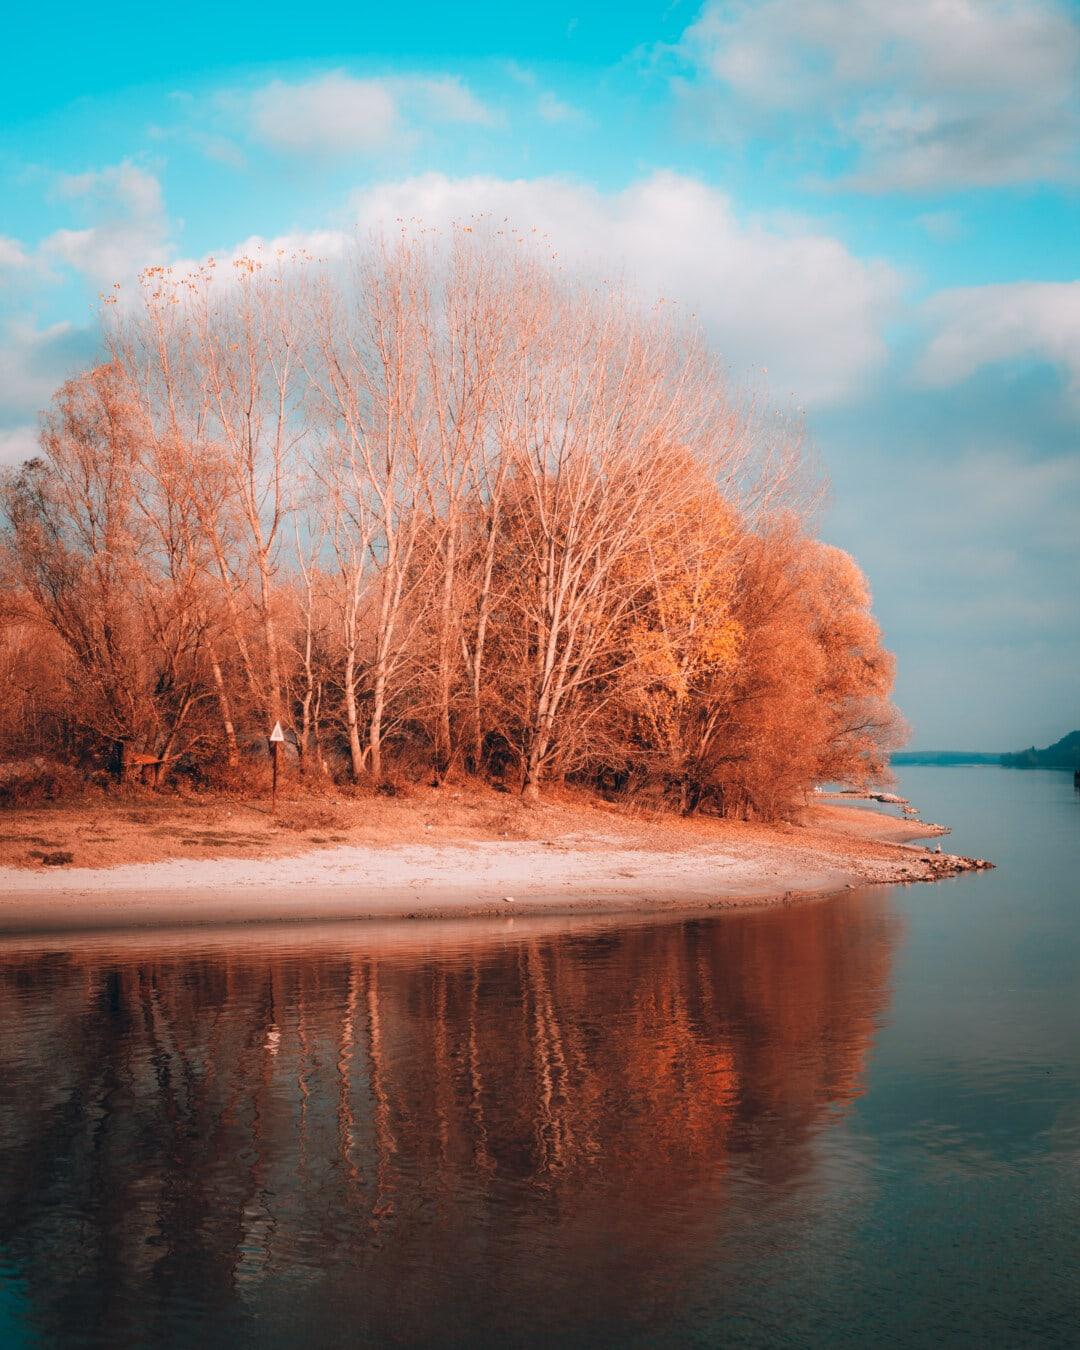 paysage, eau, arbre, aube, coucher de soleil, nature, bois, rivière, brillant, Hiver